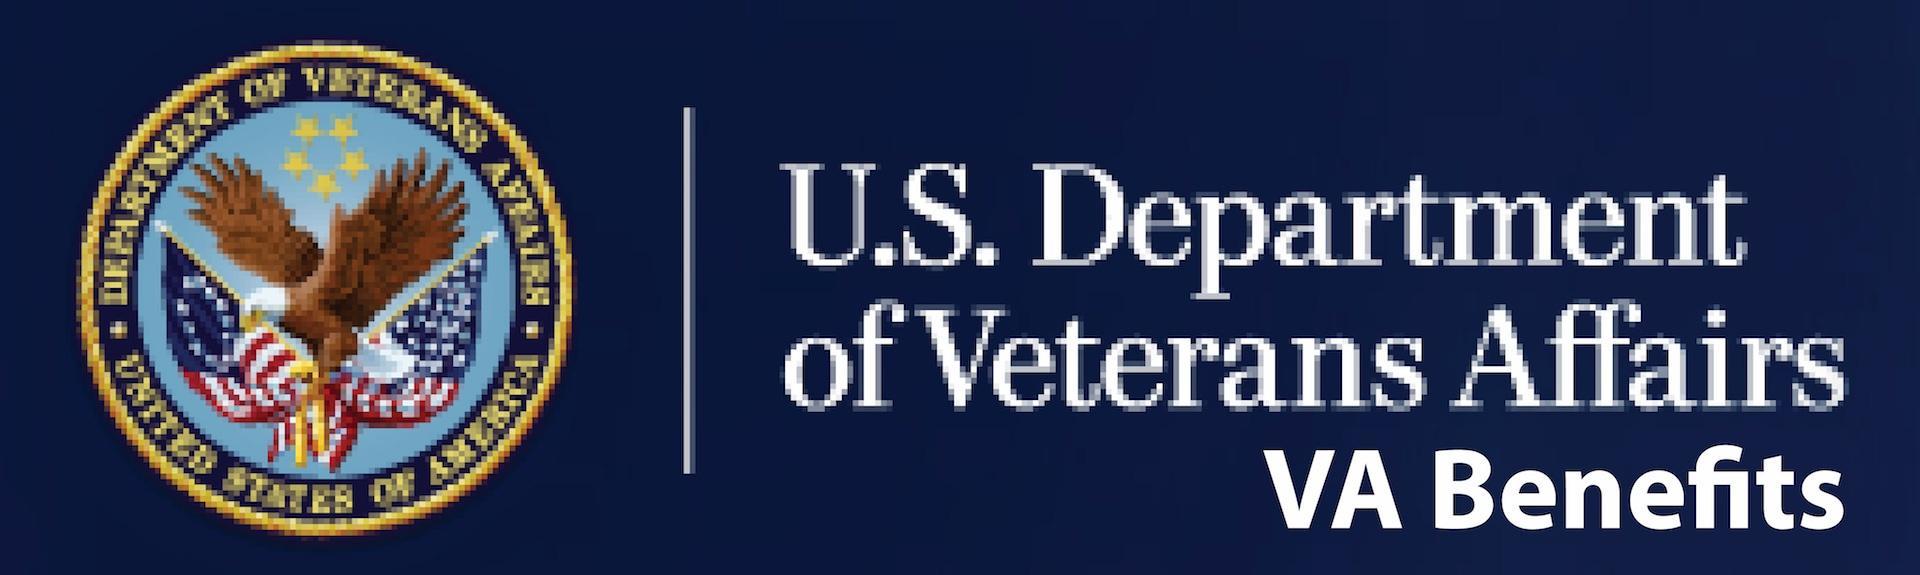 U.S. Department of Veterans Affairs: VA Benefits